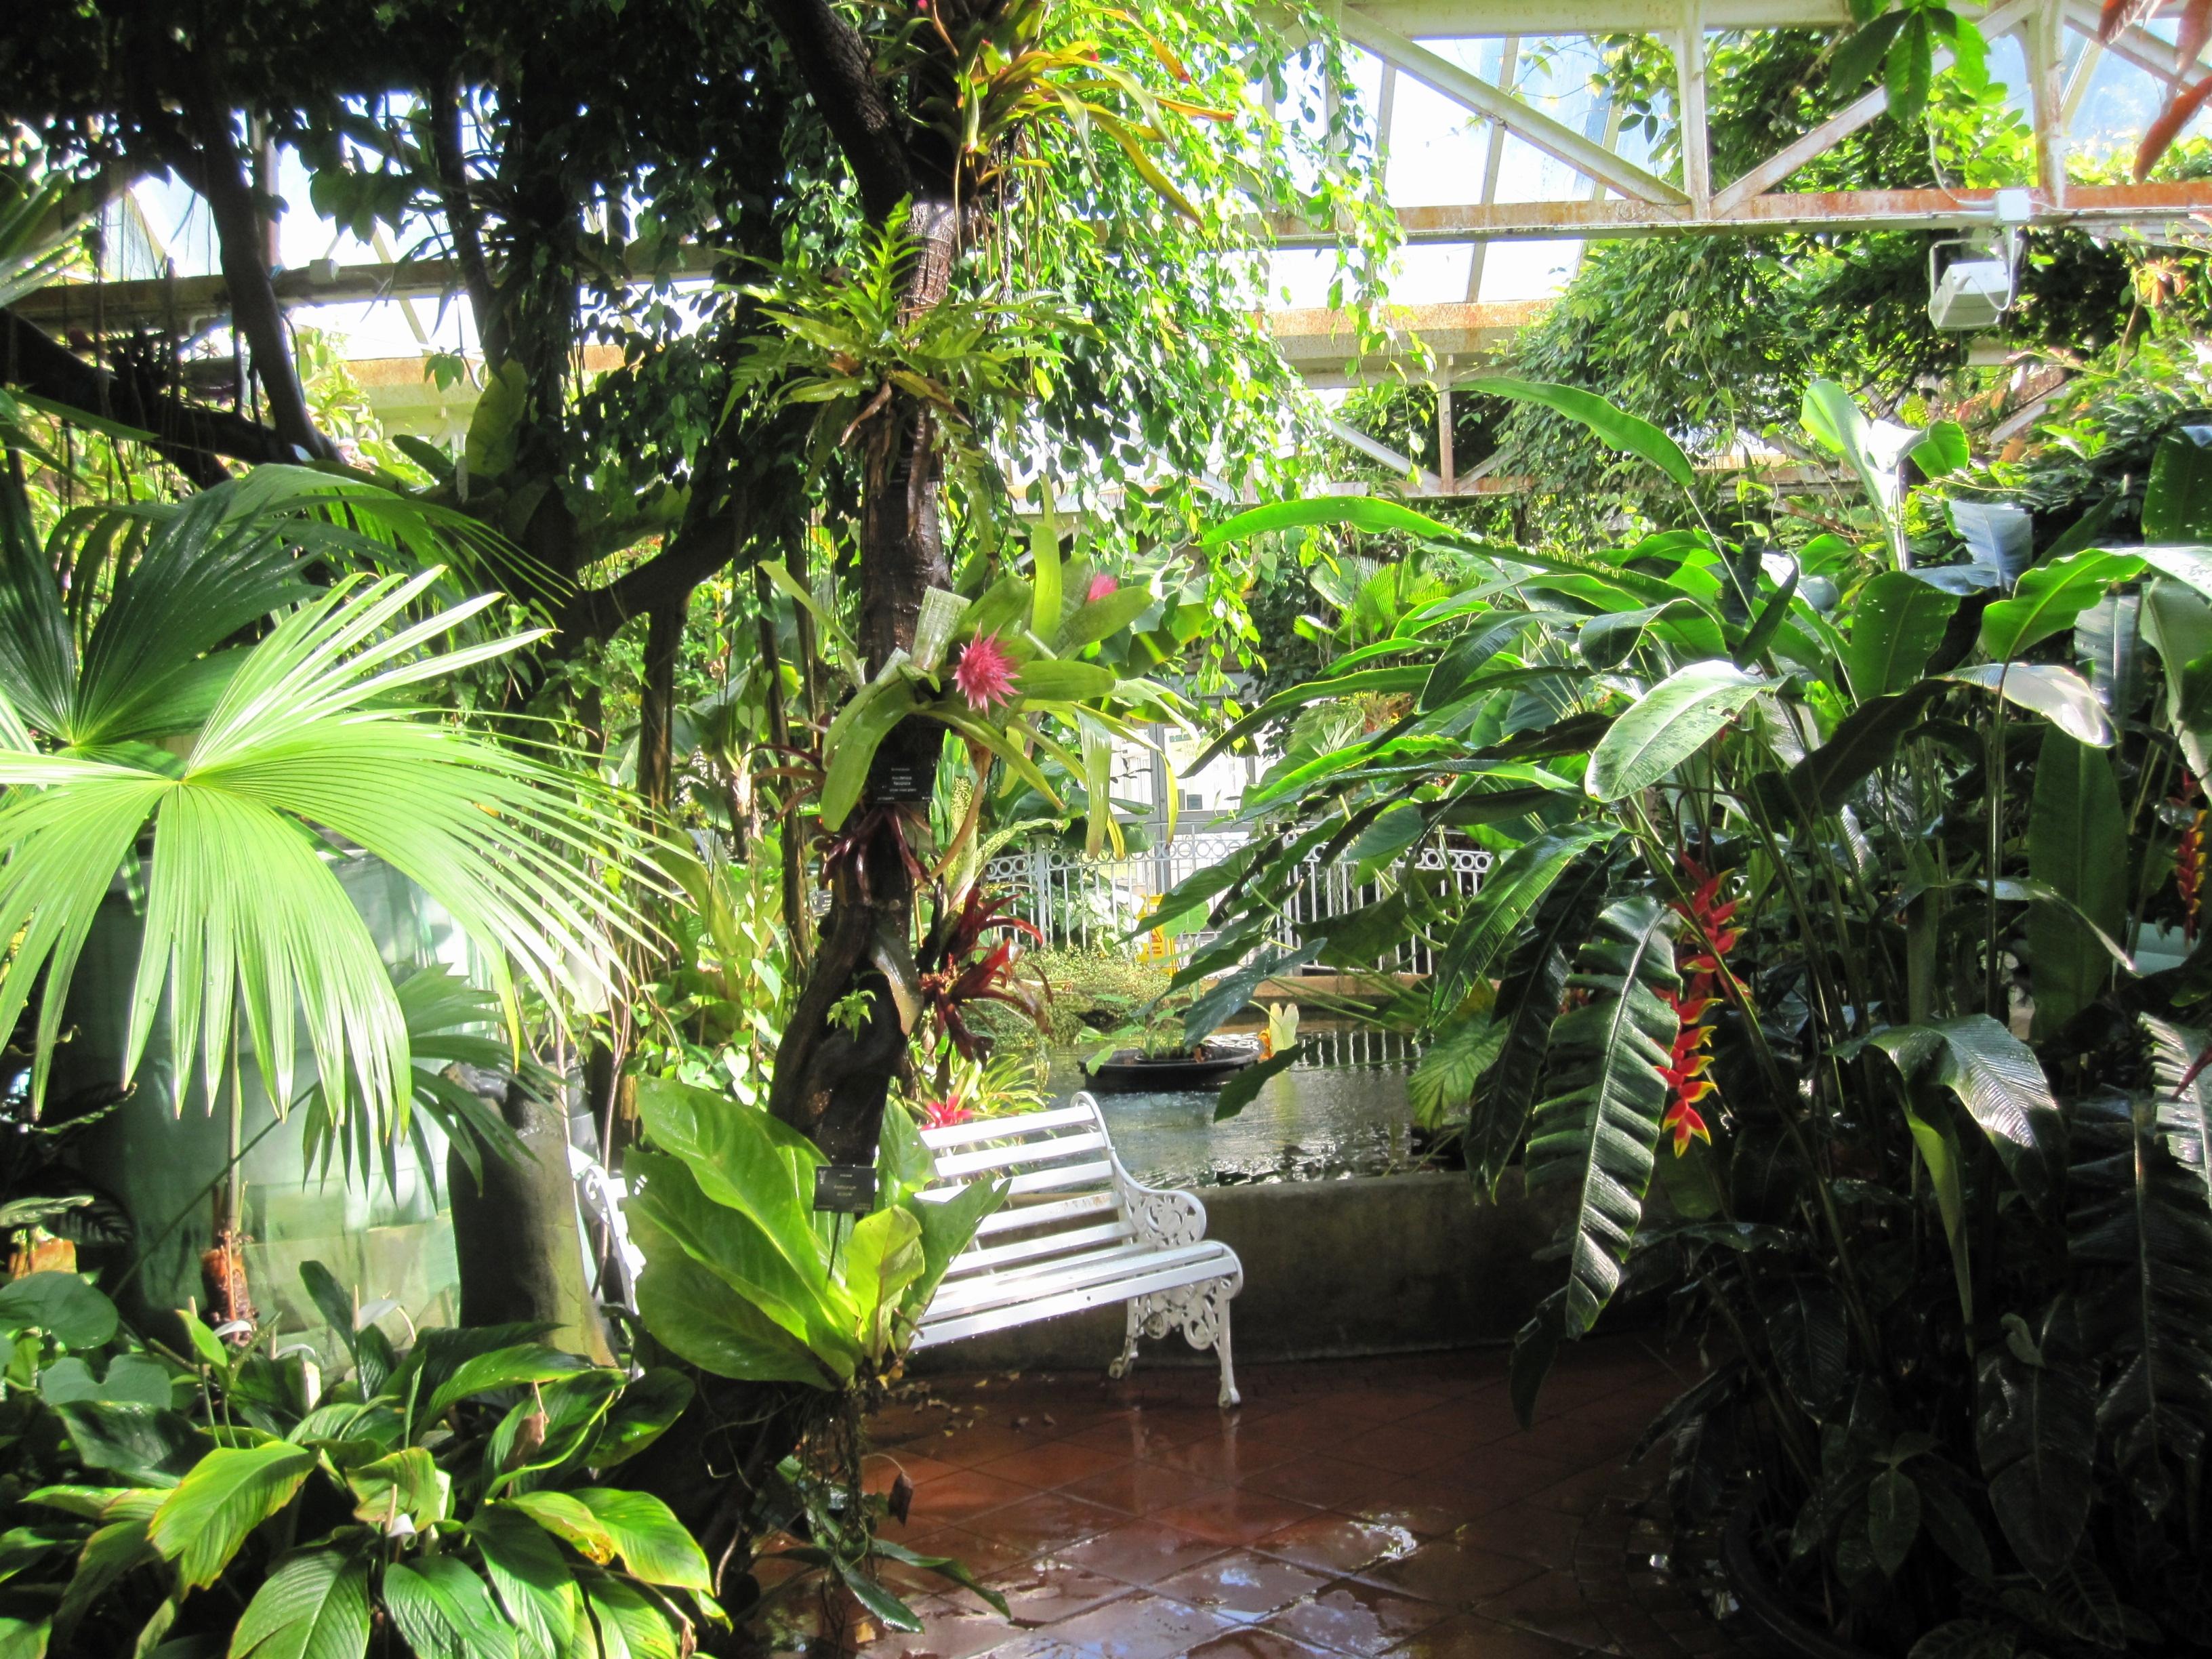 jungle garden design ideas photo - 5